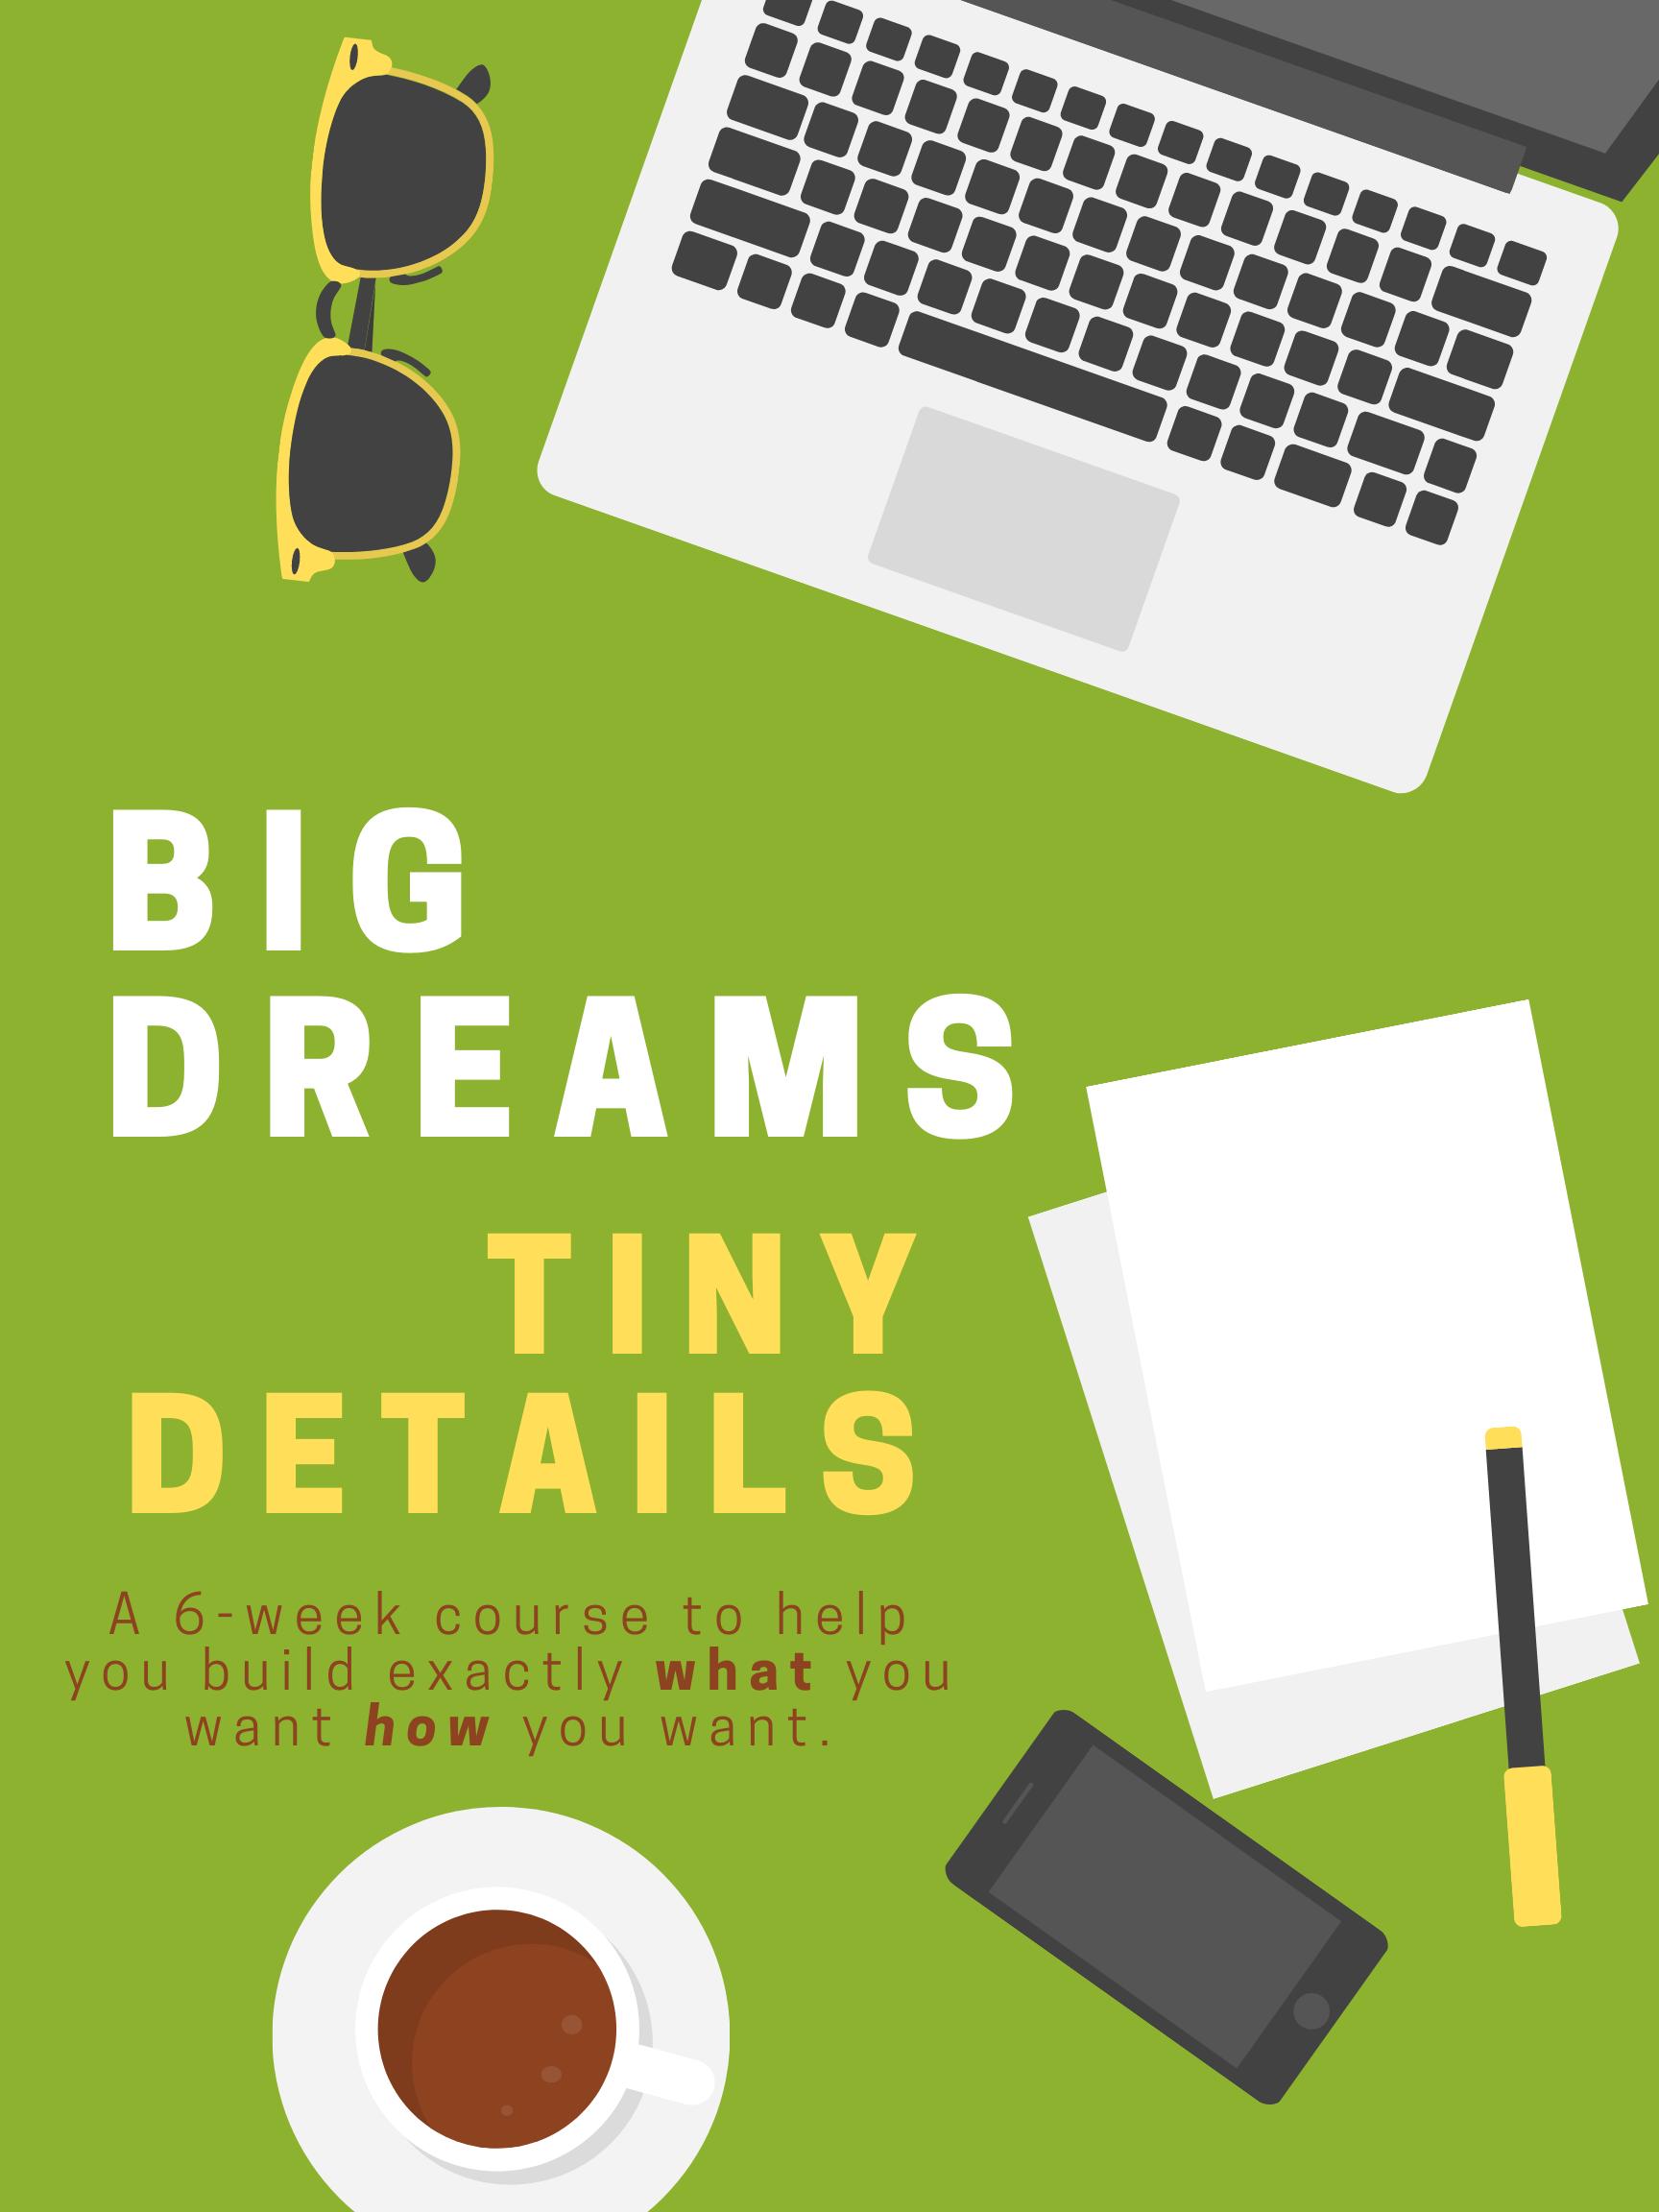 Big Dreams Tiny Details